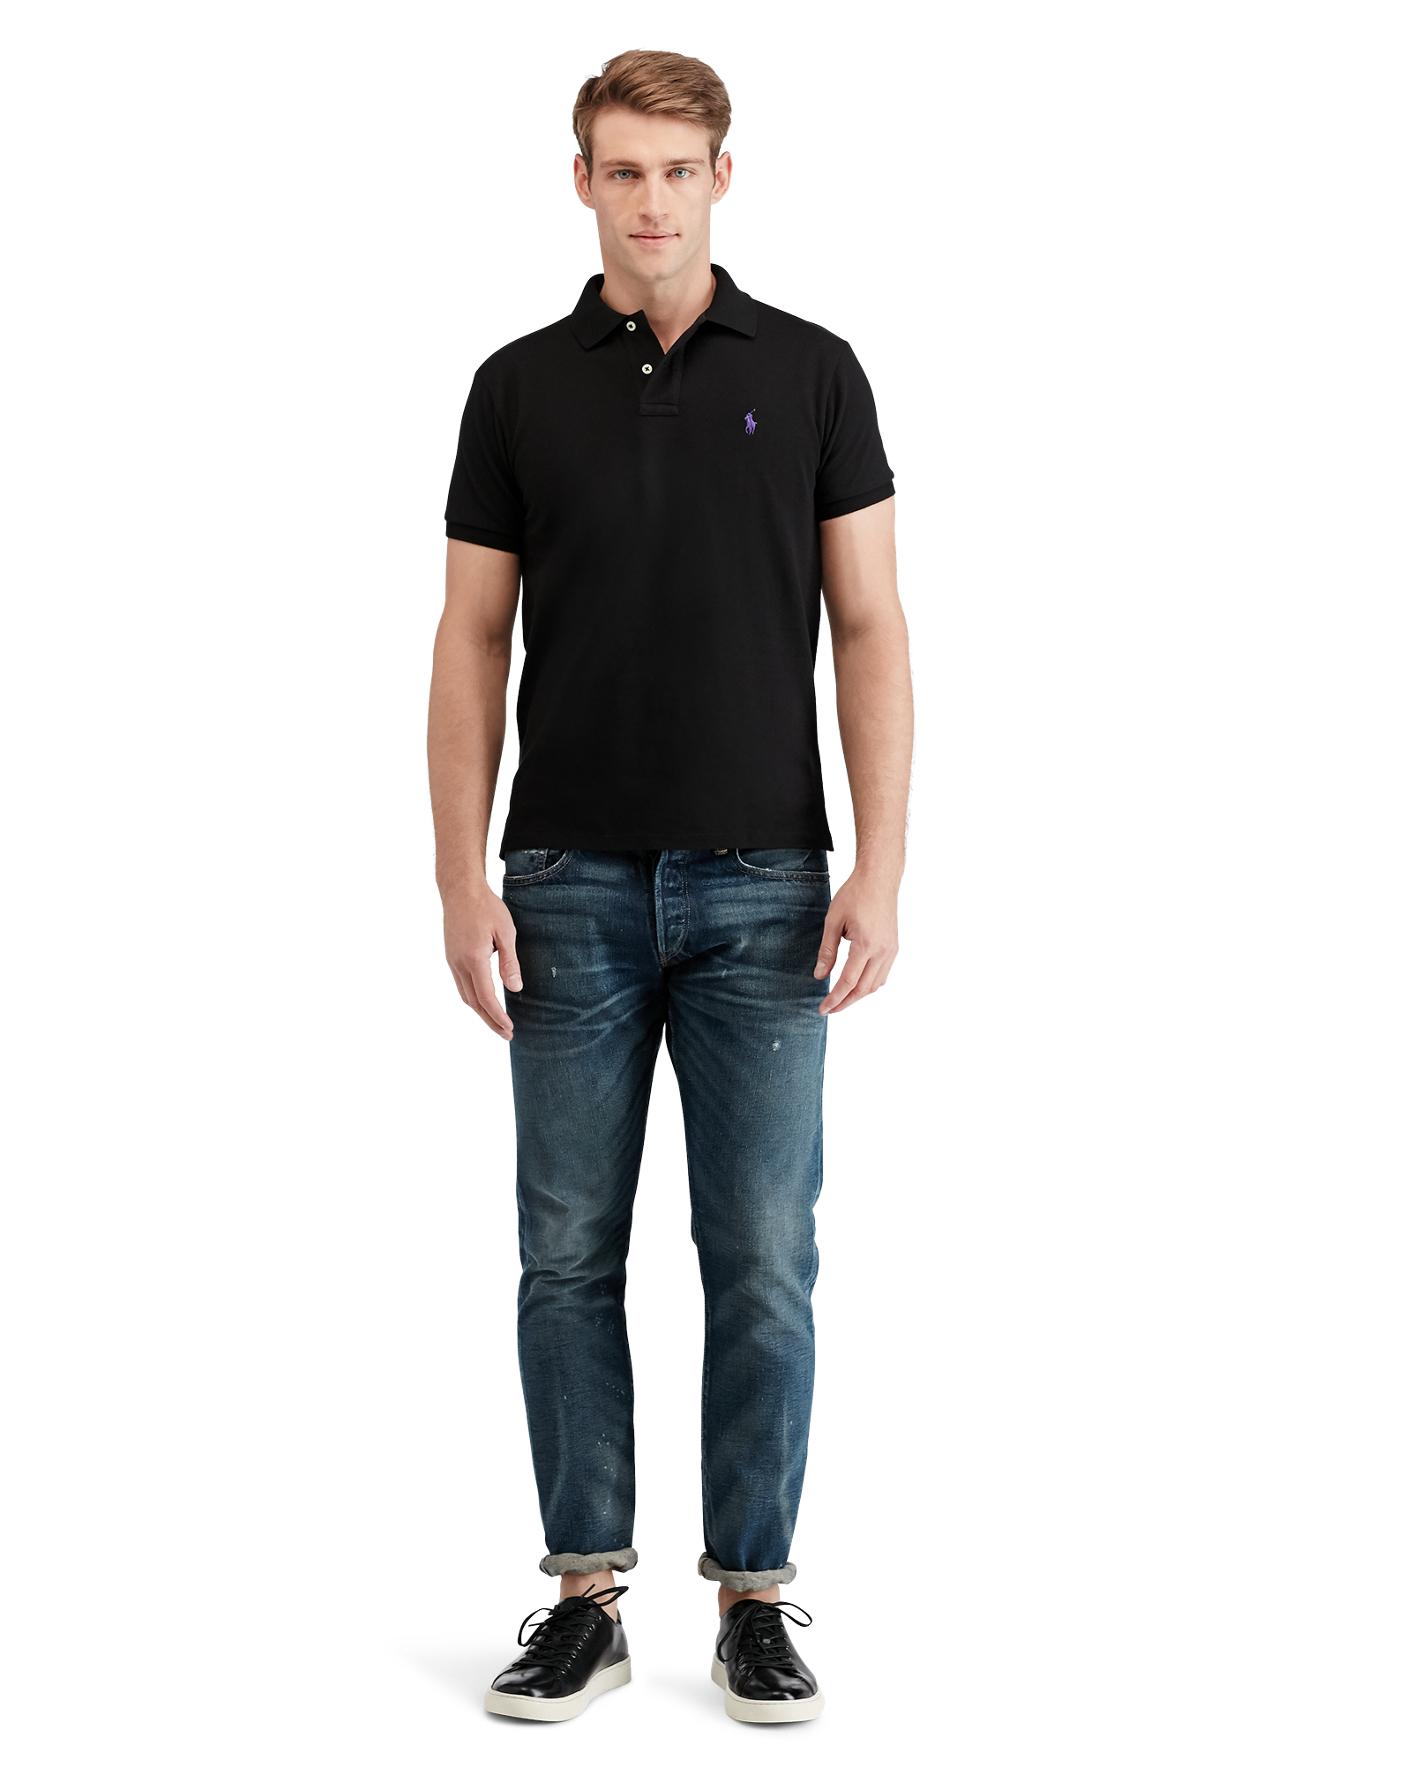 Black polo shirt artee shirt for Black ralph lauren shirt purple horse